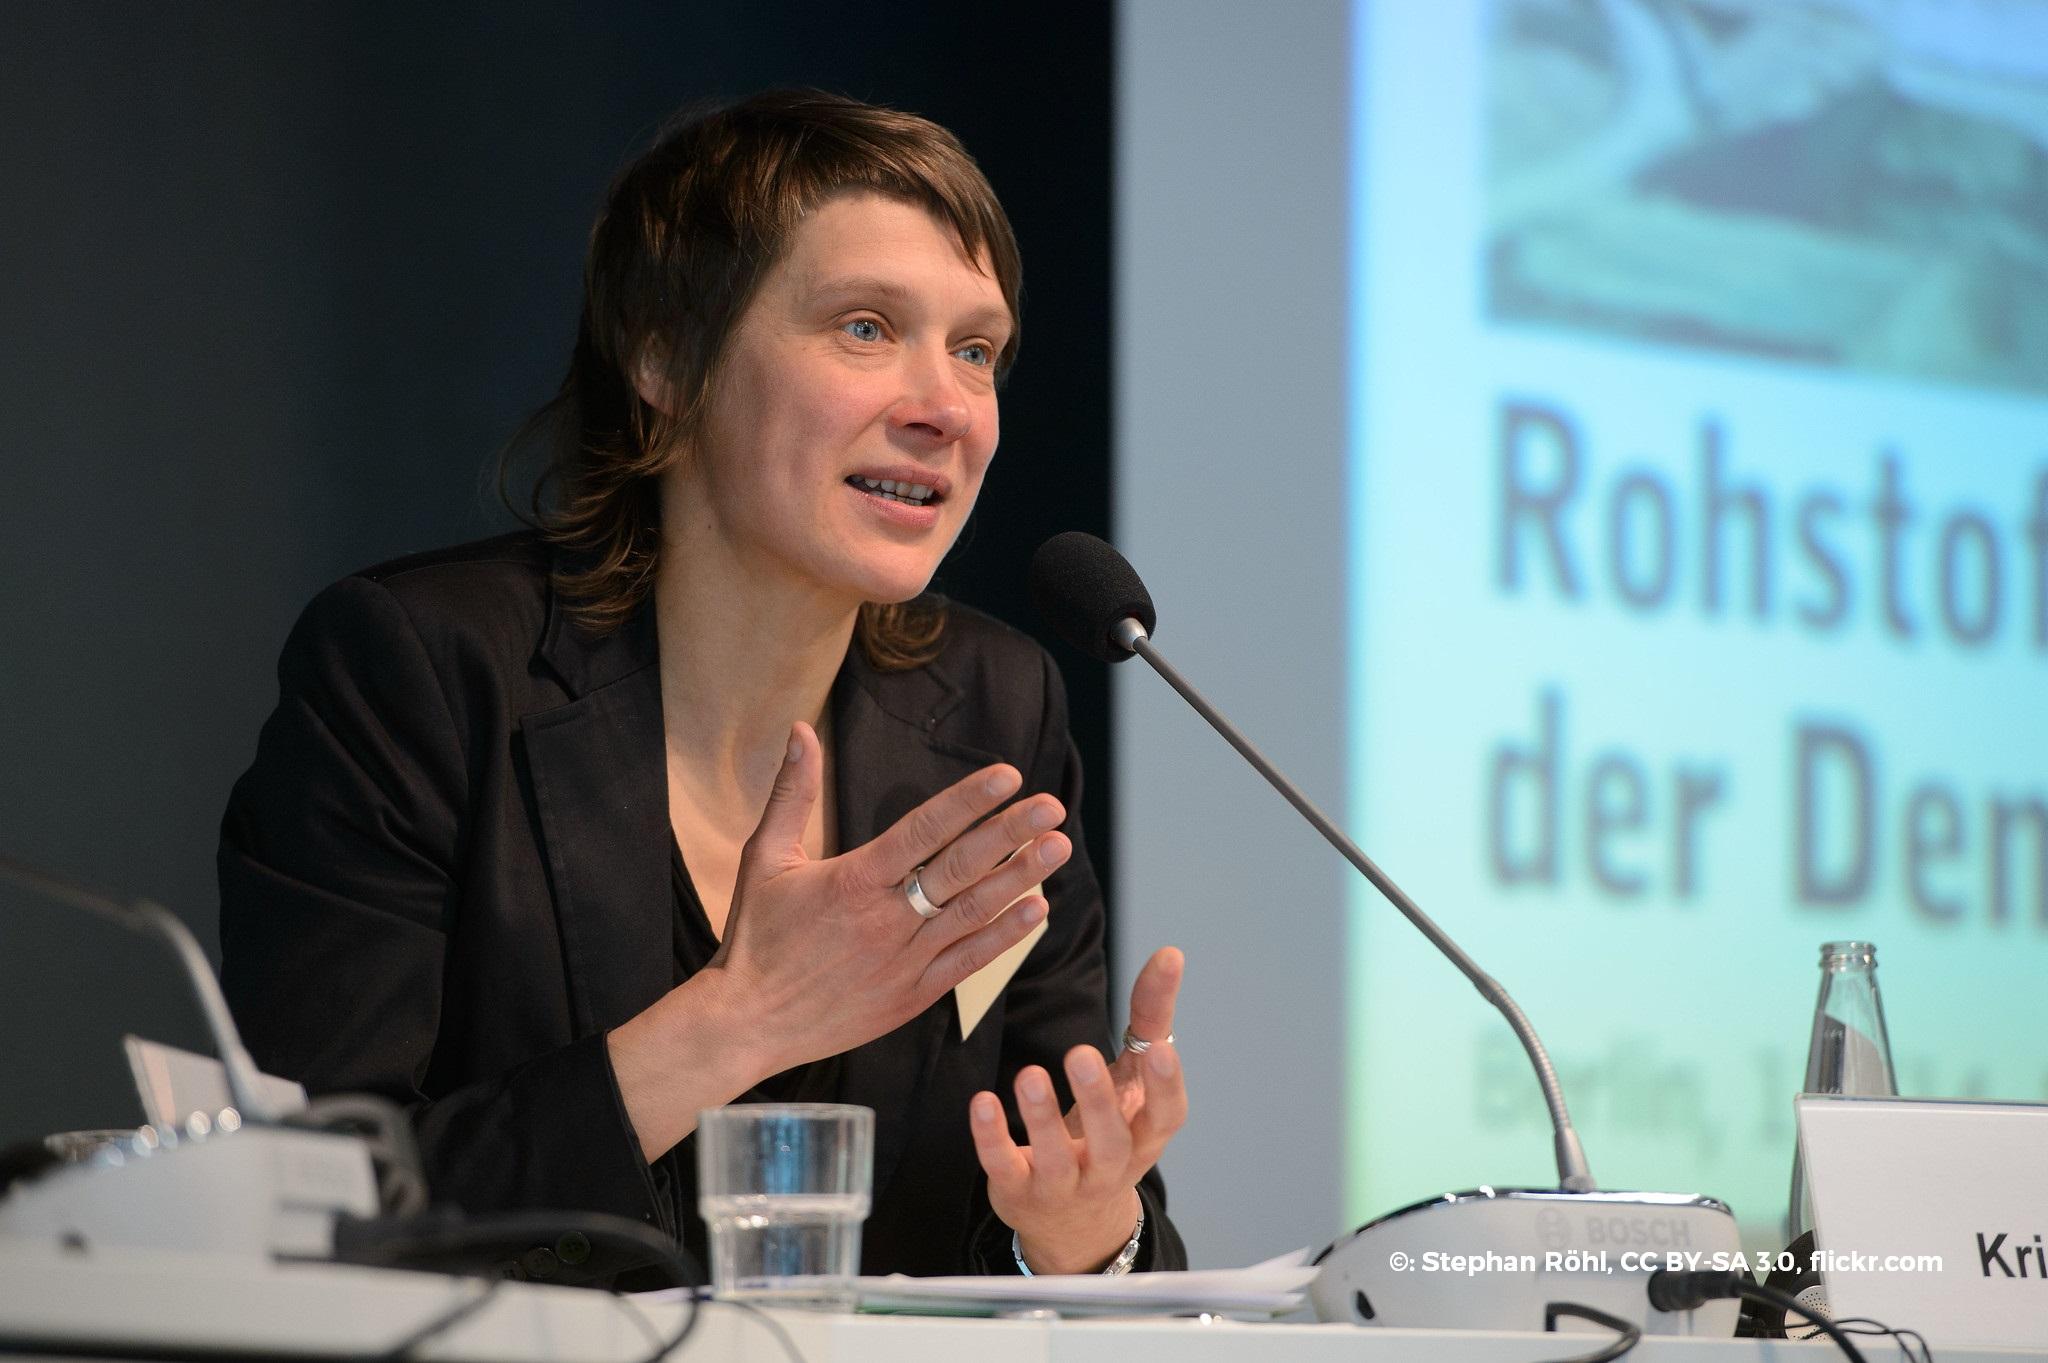 Dr. Kristina Dietz